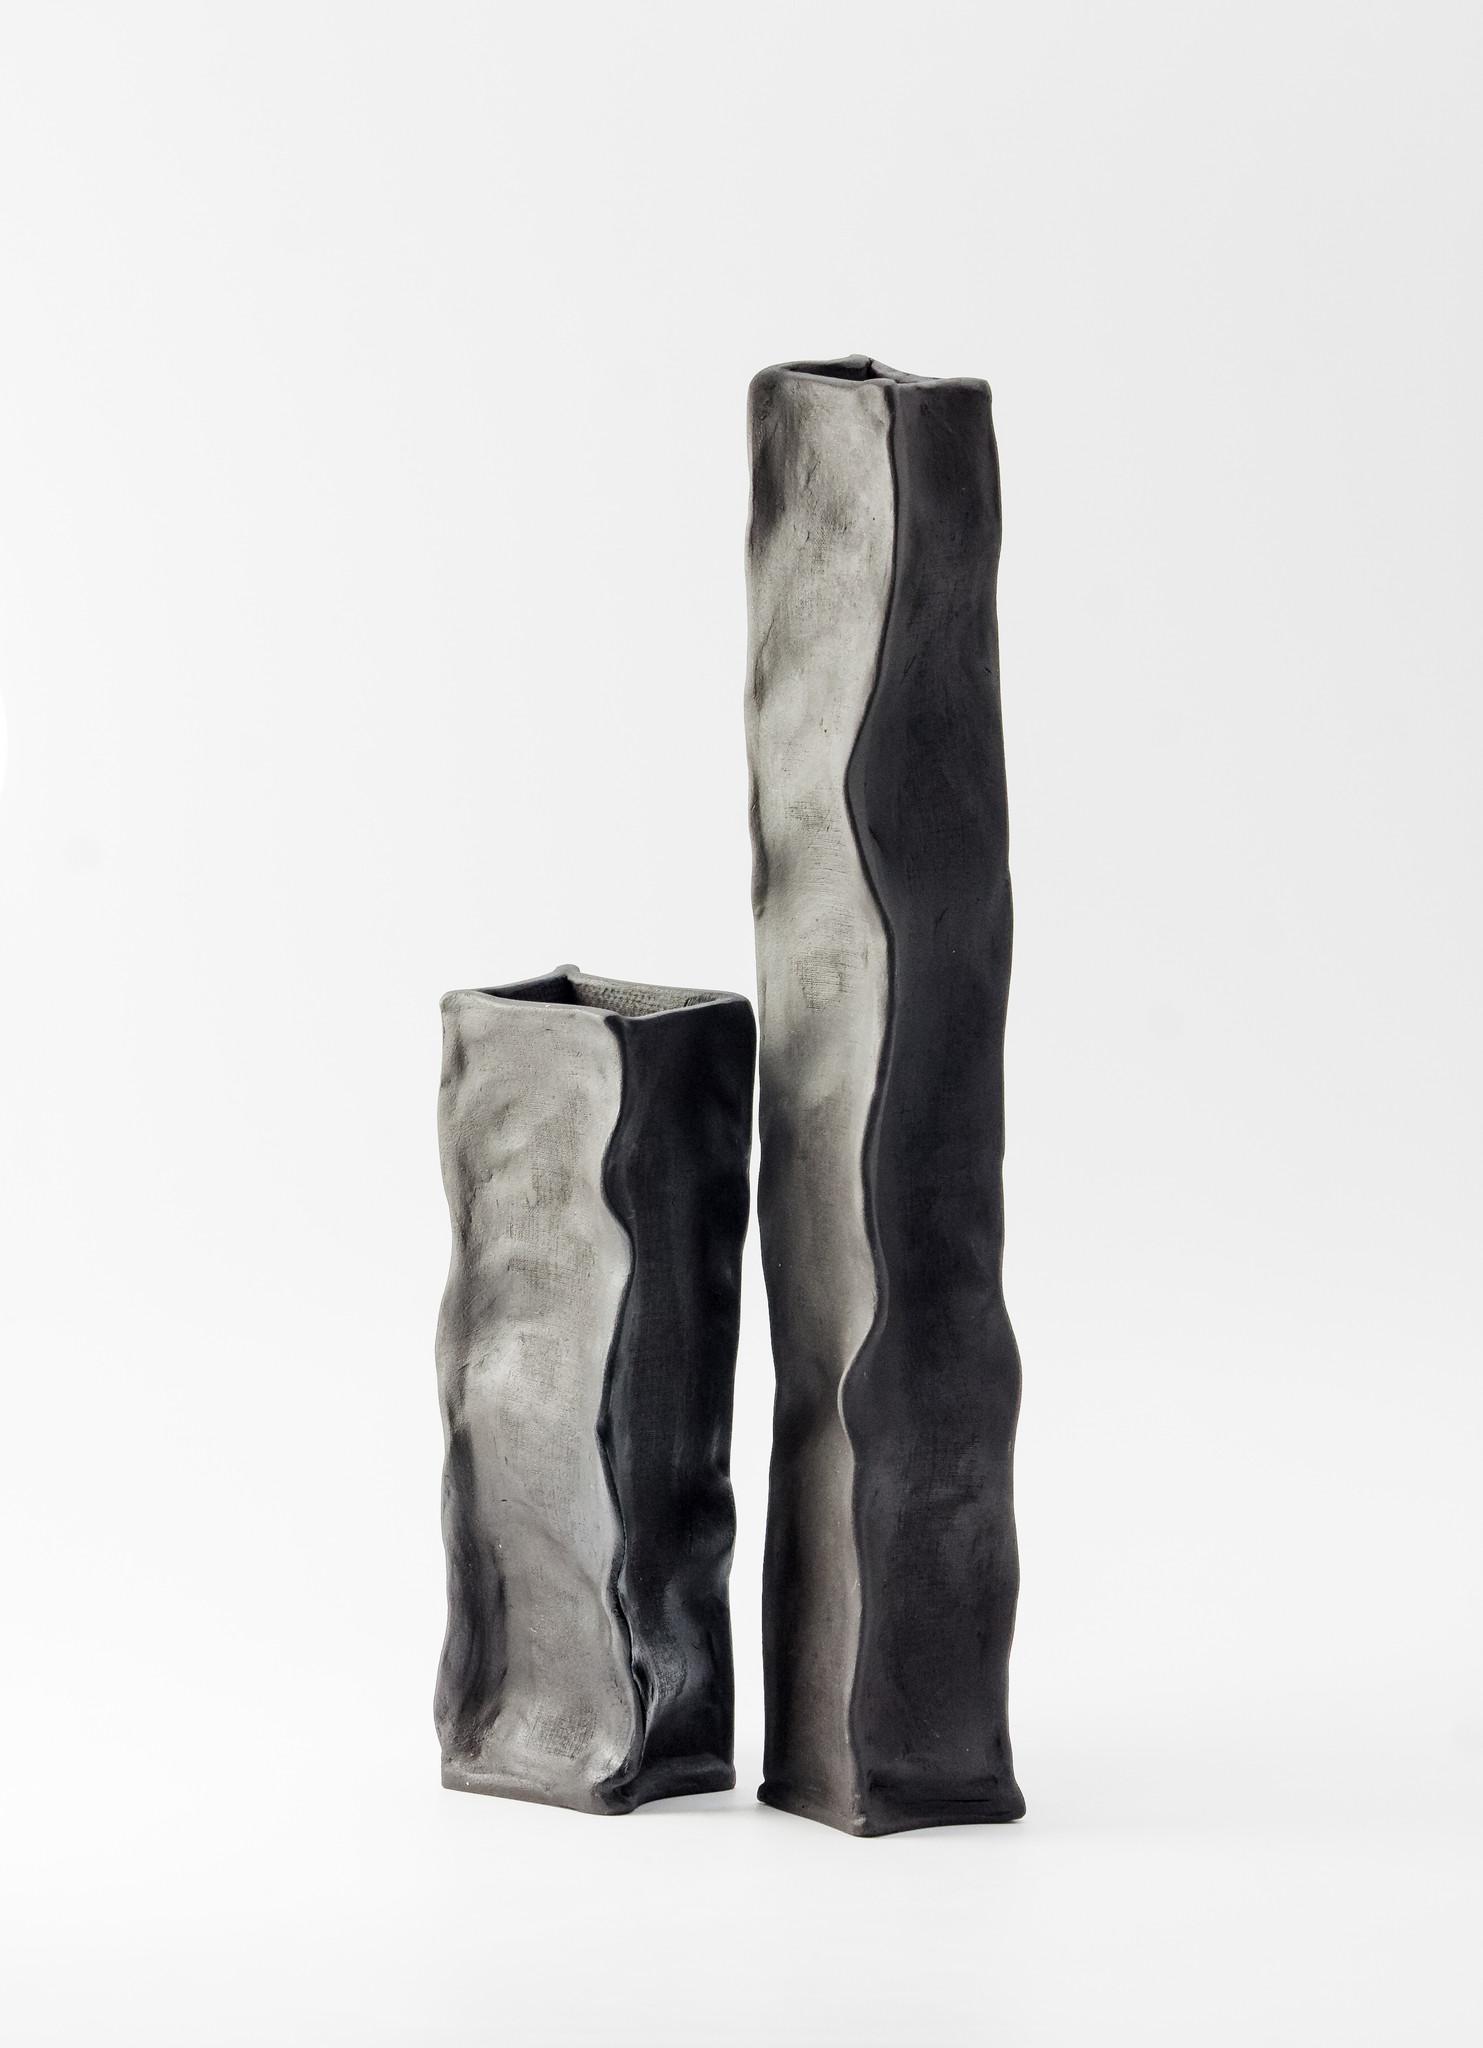 Wazoniki czarne PAPIEROWE TORBY komplet 2 sztuki (wysoki i niski) Lui & Clay - Slow Store | JestemSlow.pl